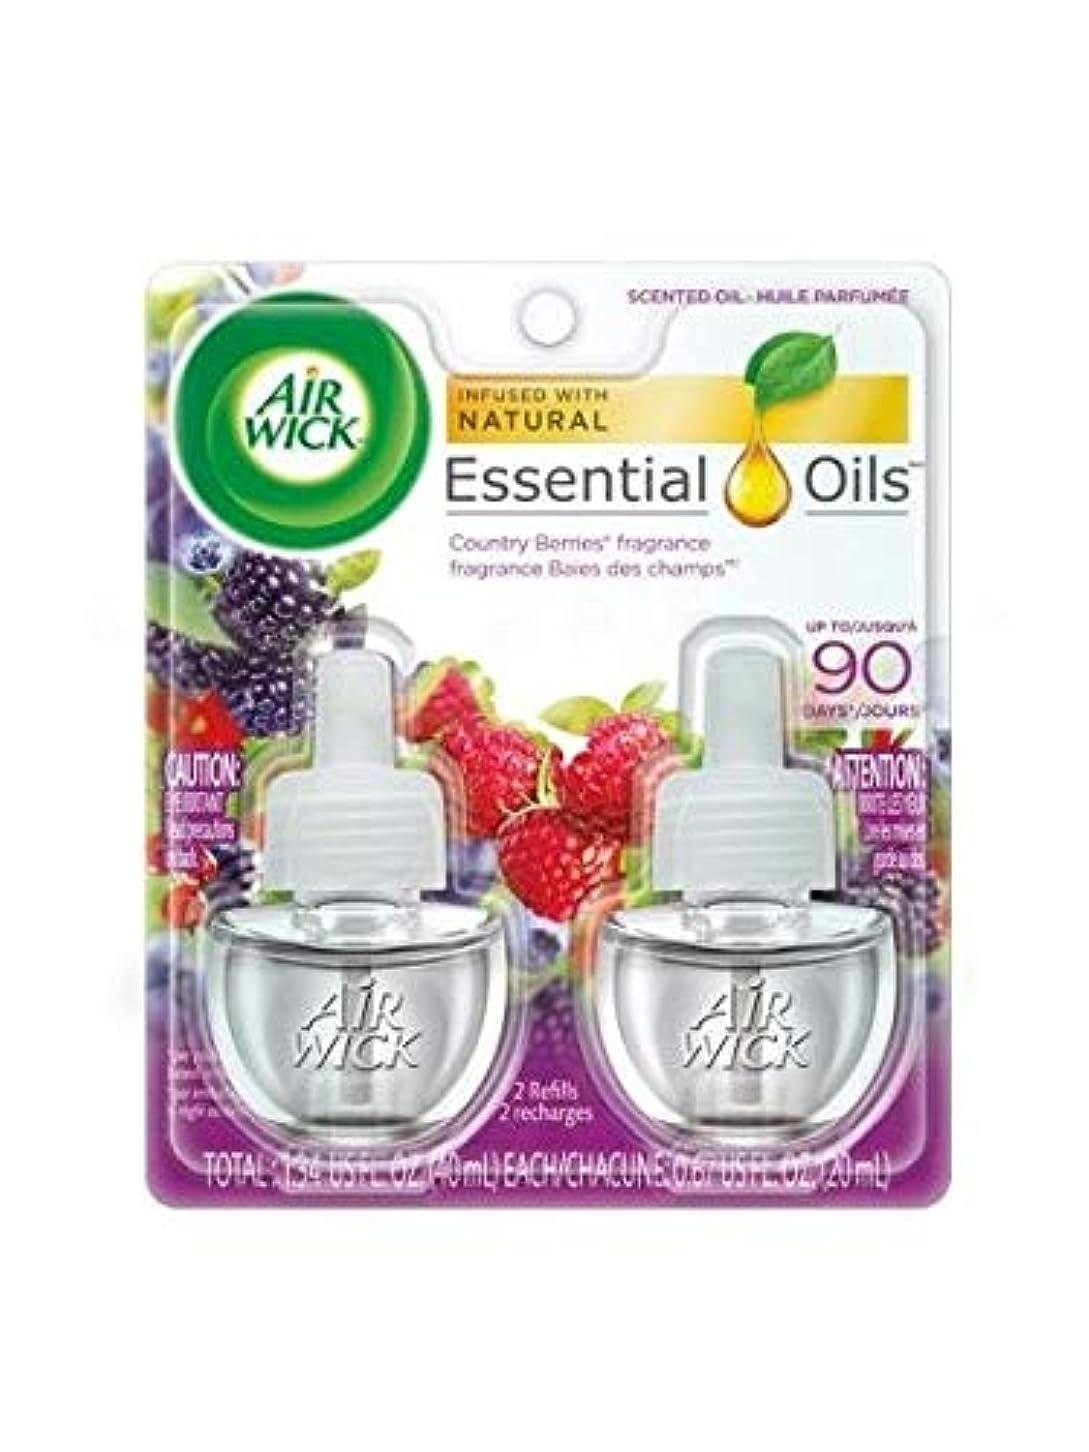 壊れた大事にする爆弾【Air Wick/エアーウィック】 プラグインオイル詰替えリフィル(2個入り) ワイルドベリーズ Air Wick Scented Oil Twin Refill Wild Berries (2X.67) Oz. [並行輸入品]